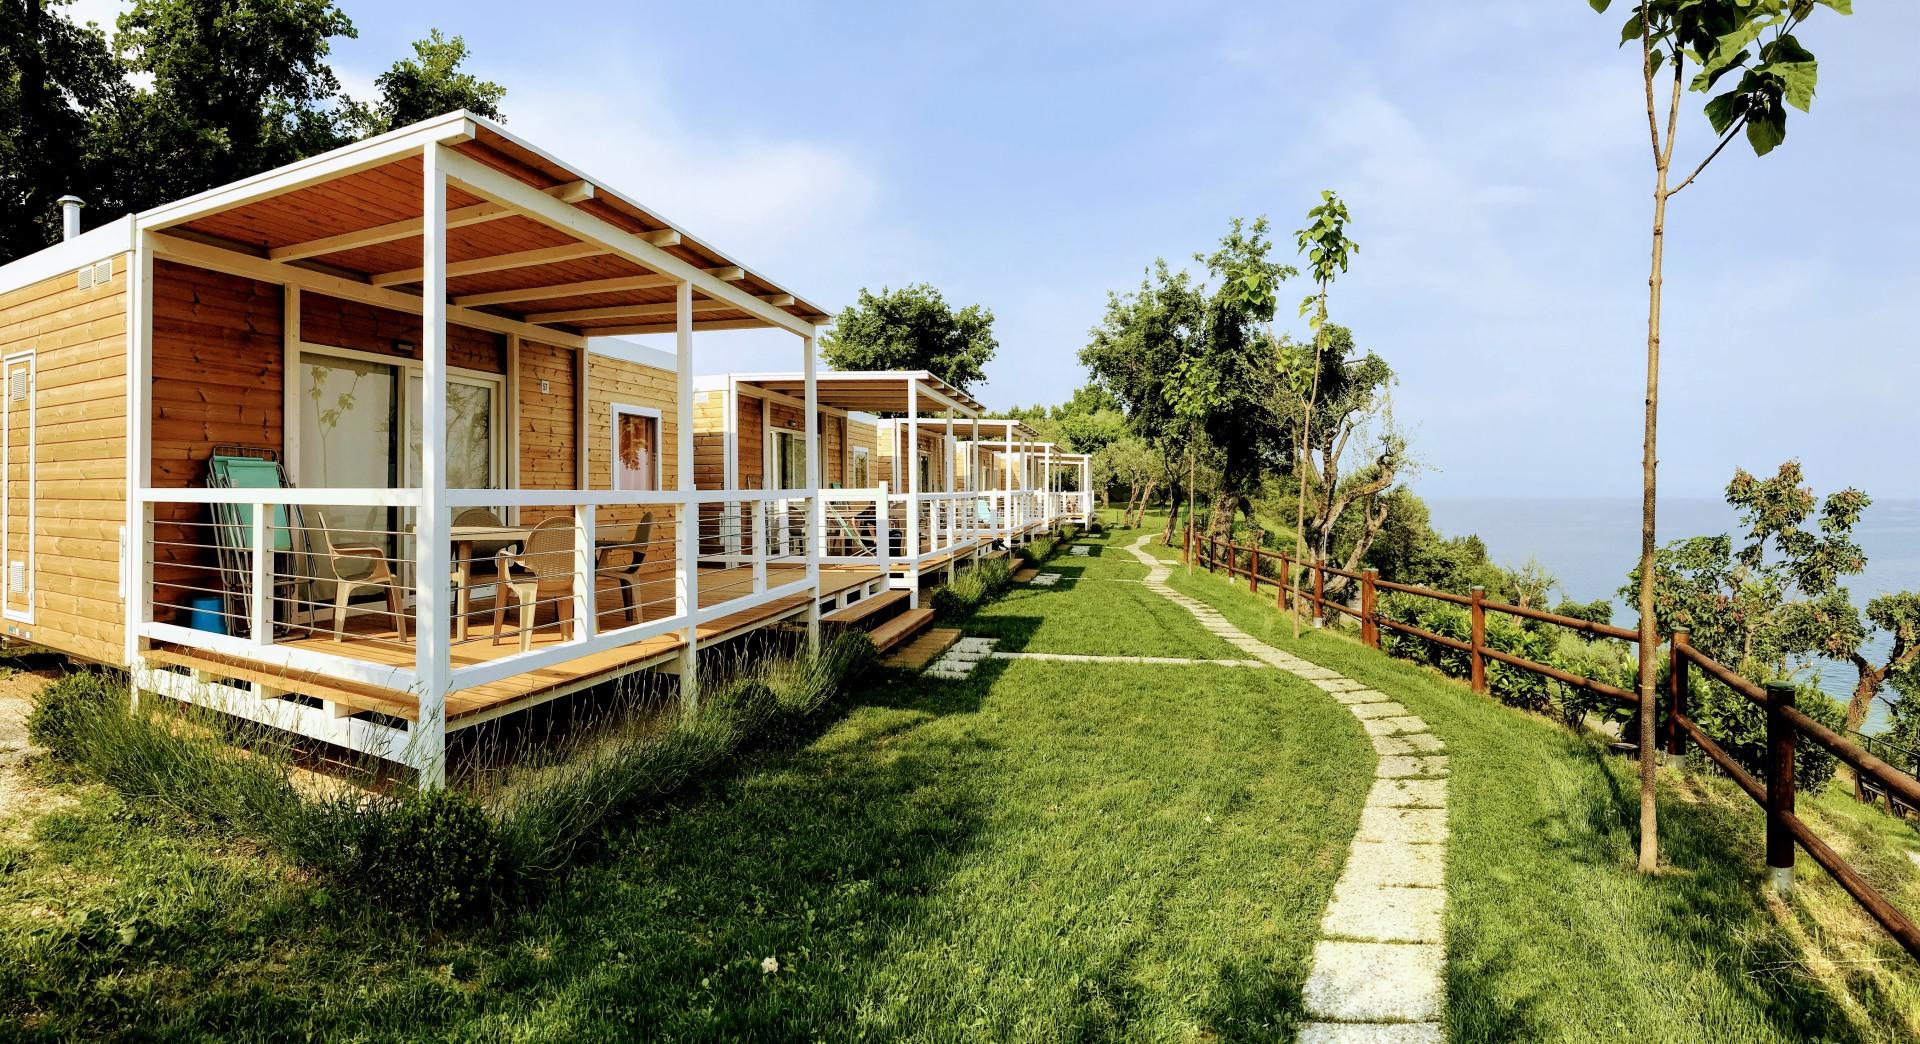 Verande per case mobili - Camping Sereno - Moniga del Garda (BS)